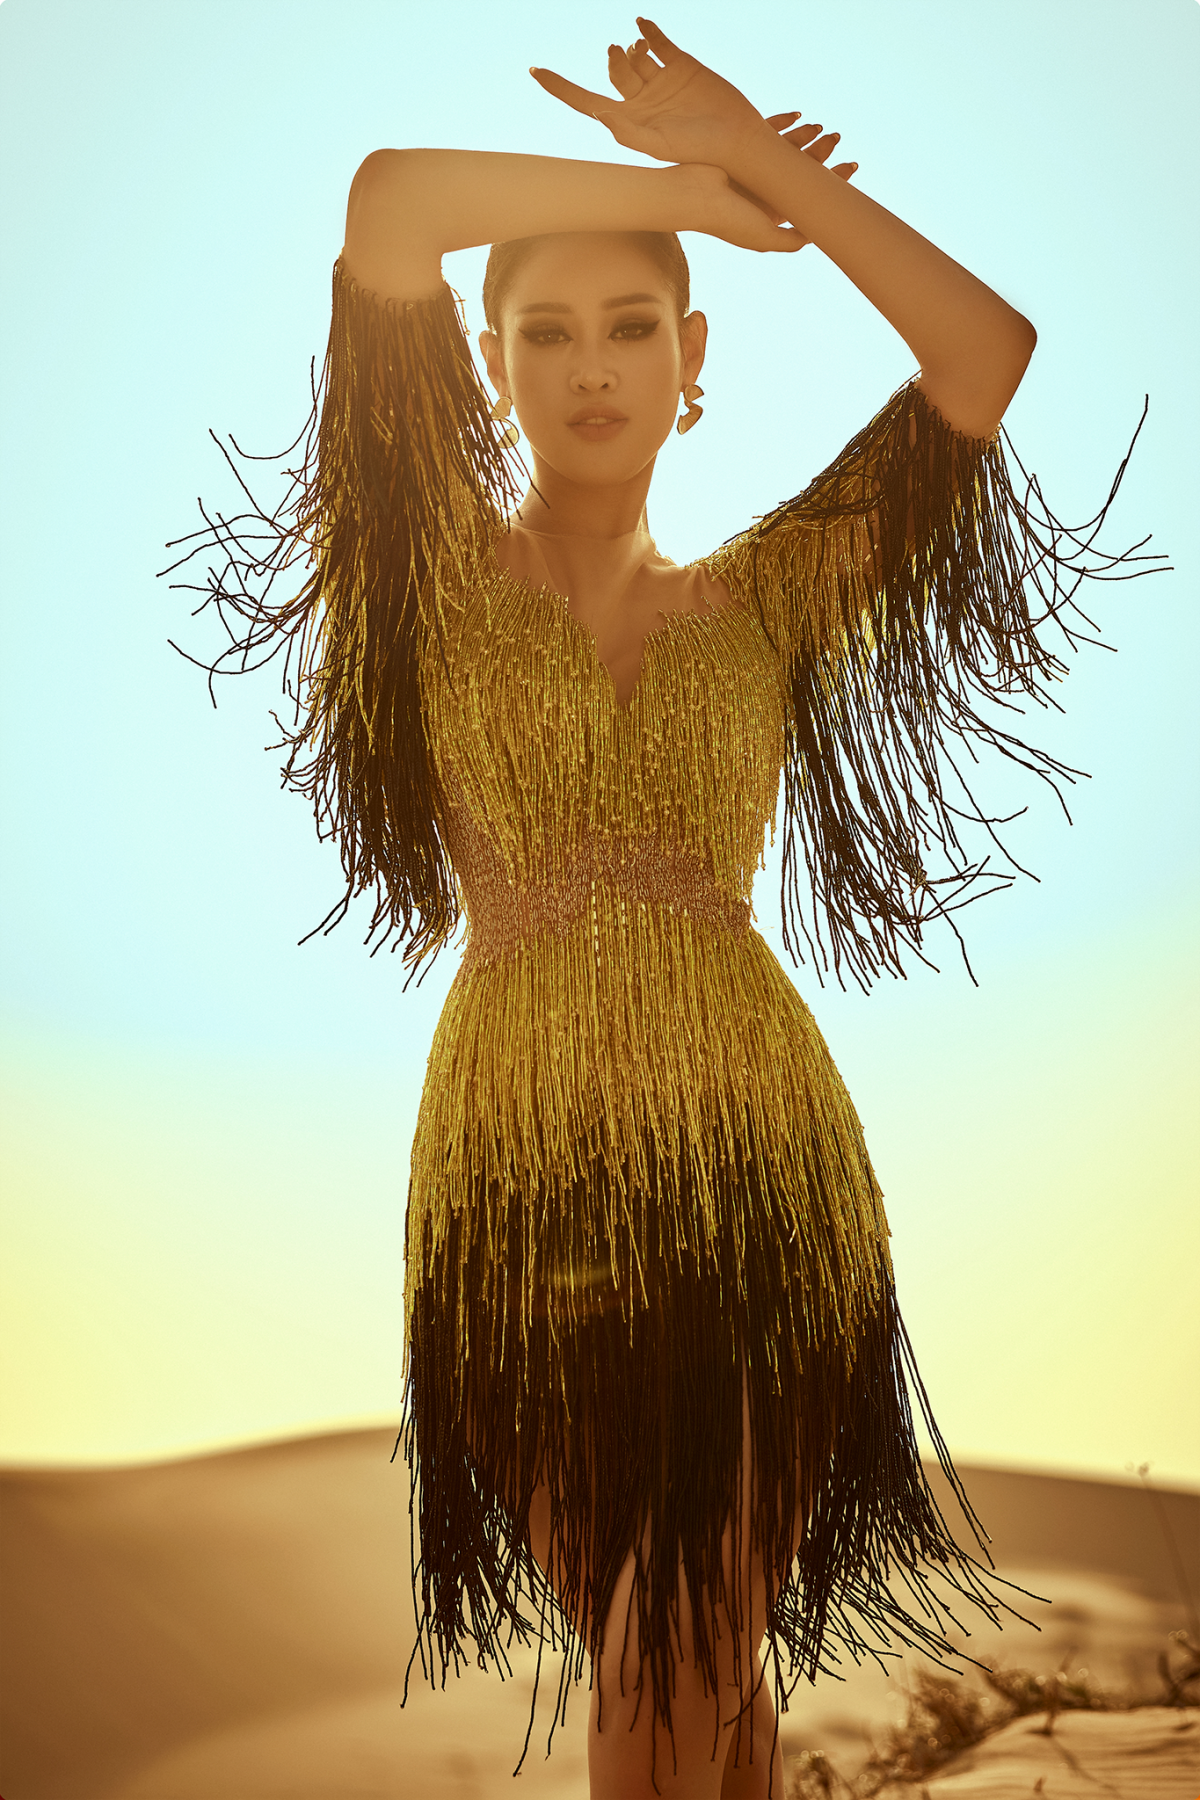 Điểm nhấn chính là những chuyển động linh hoạt nhẹ nhàng, tựa như làn gió cát thổi đến hơi thở tràn đầy sức sống cho một ngày mới.